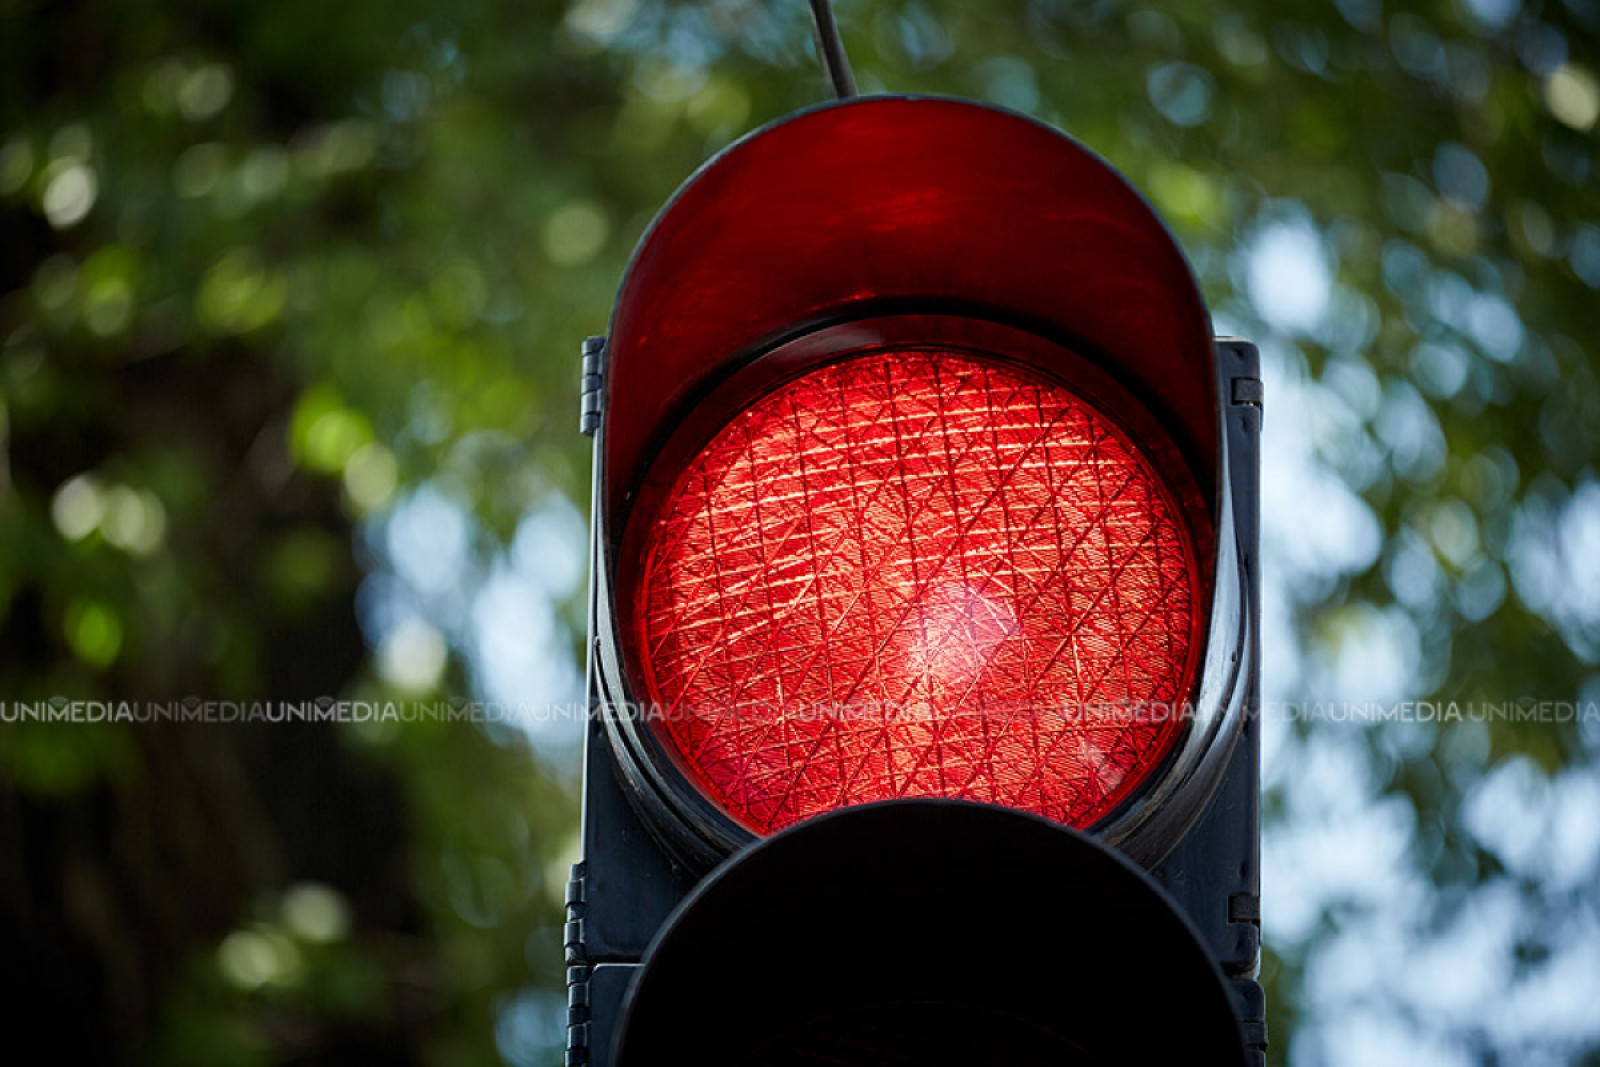 Semafor defect la intersecția străzilor Calea Orheiului – Ceucari: Ce li se recomandă conducătorilor auto